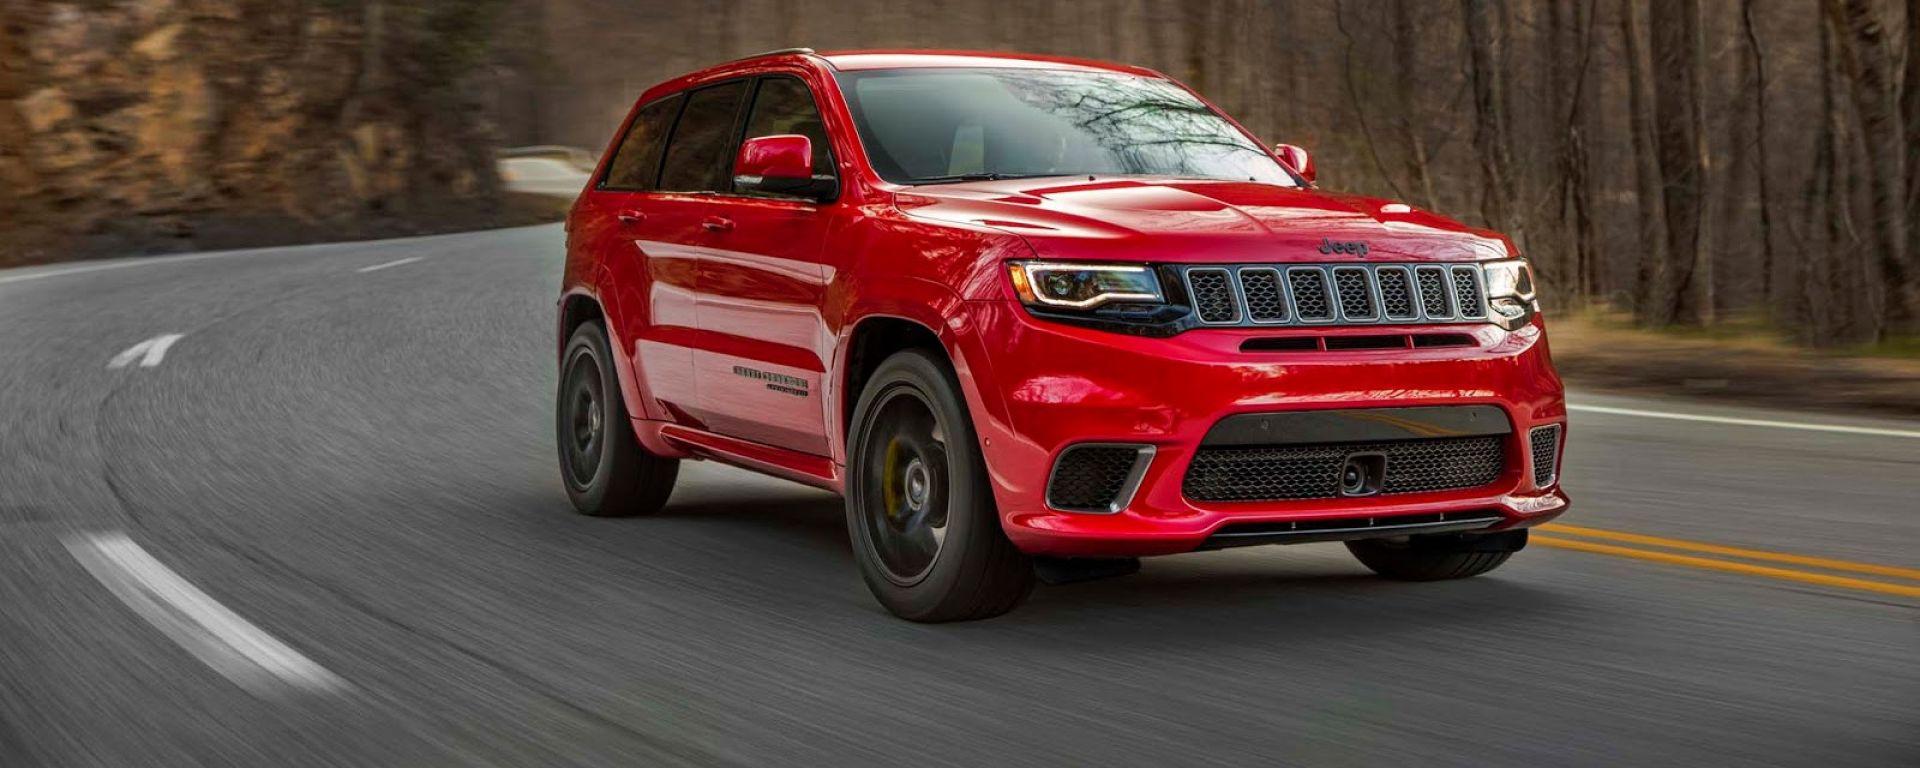 Jeep Grand Cherokee TrackHawk: al volante del SUV più potente al mondo